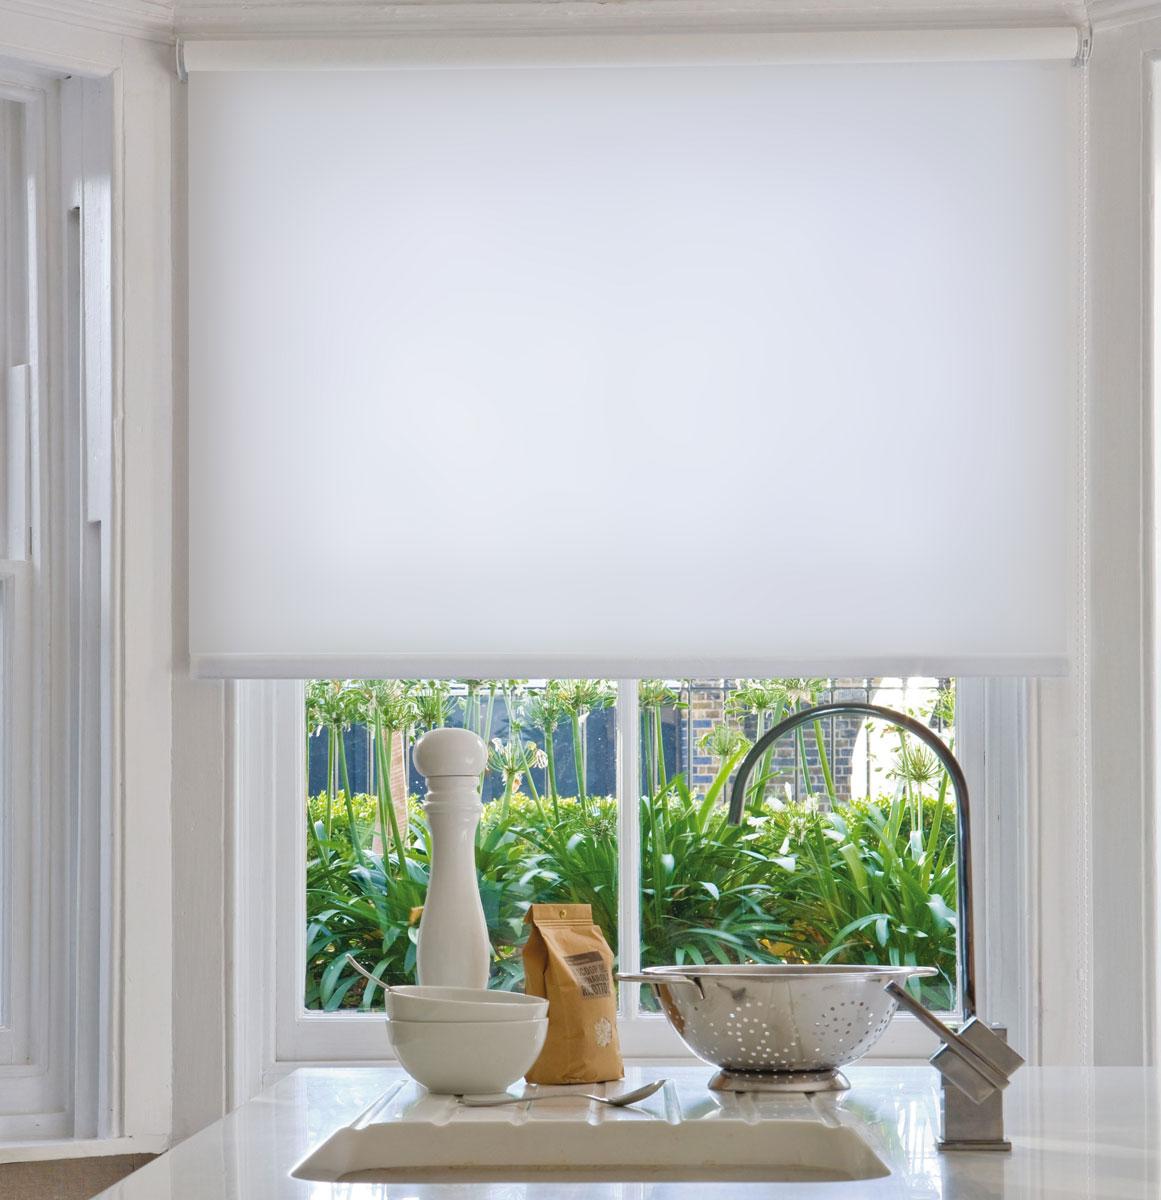 Штора рулонная KauffOrt Миниролло, светонепроницаемая, цвет: белый, ширина 73 см, высота 170 см94073007Рулонная штора KauffOrt Миниролло выполнена из высокопрочной полностью светонепроницаемой ткани белого цвета, которая сохраняет свой размер даже при намокании. Ткань не выцветает и обладает отличной цветоустойчивостью. Миниролло - это подвид рулонных штор, который закрывает не весь оконный проем, а непосредственно само стекло. Такие шторы крепятся на раму без сверления при помощи зажимов или клейкой двухсторонней ленты. Окно остаётся на гарантии, благодаря монтажу без сверления. Такая штора станет прекрасным элементом декора окна и гармонично впишется в интерьер любого помещения.